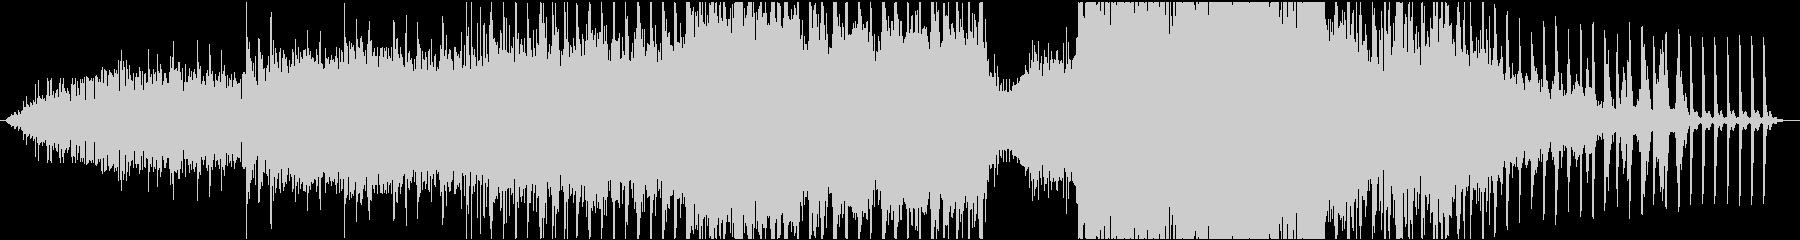 勢いと音の強弱が特徴的なメロディーの未再生の波形